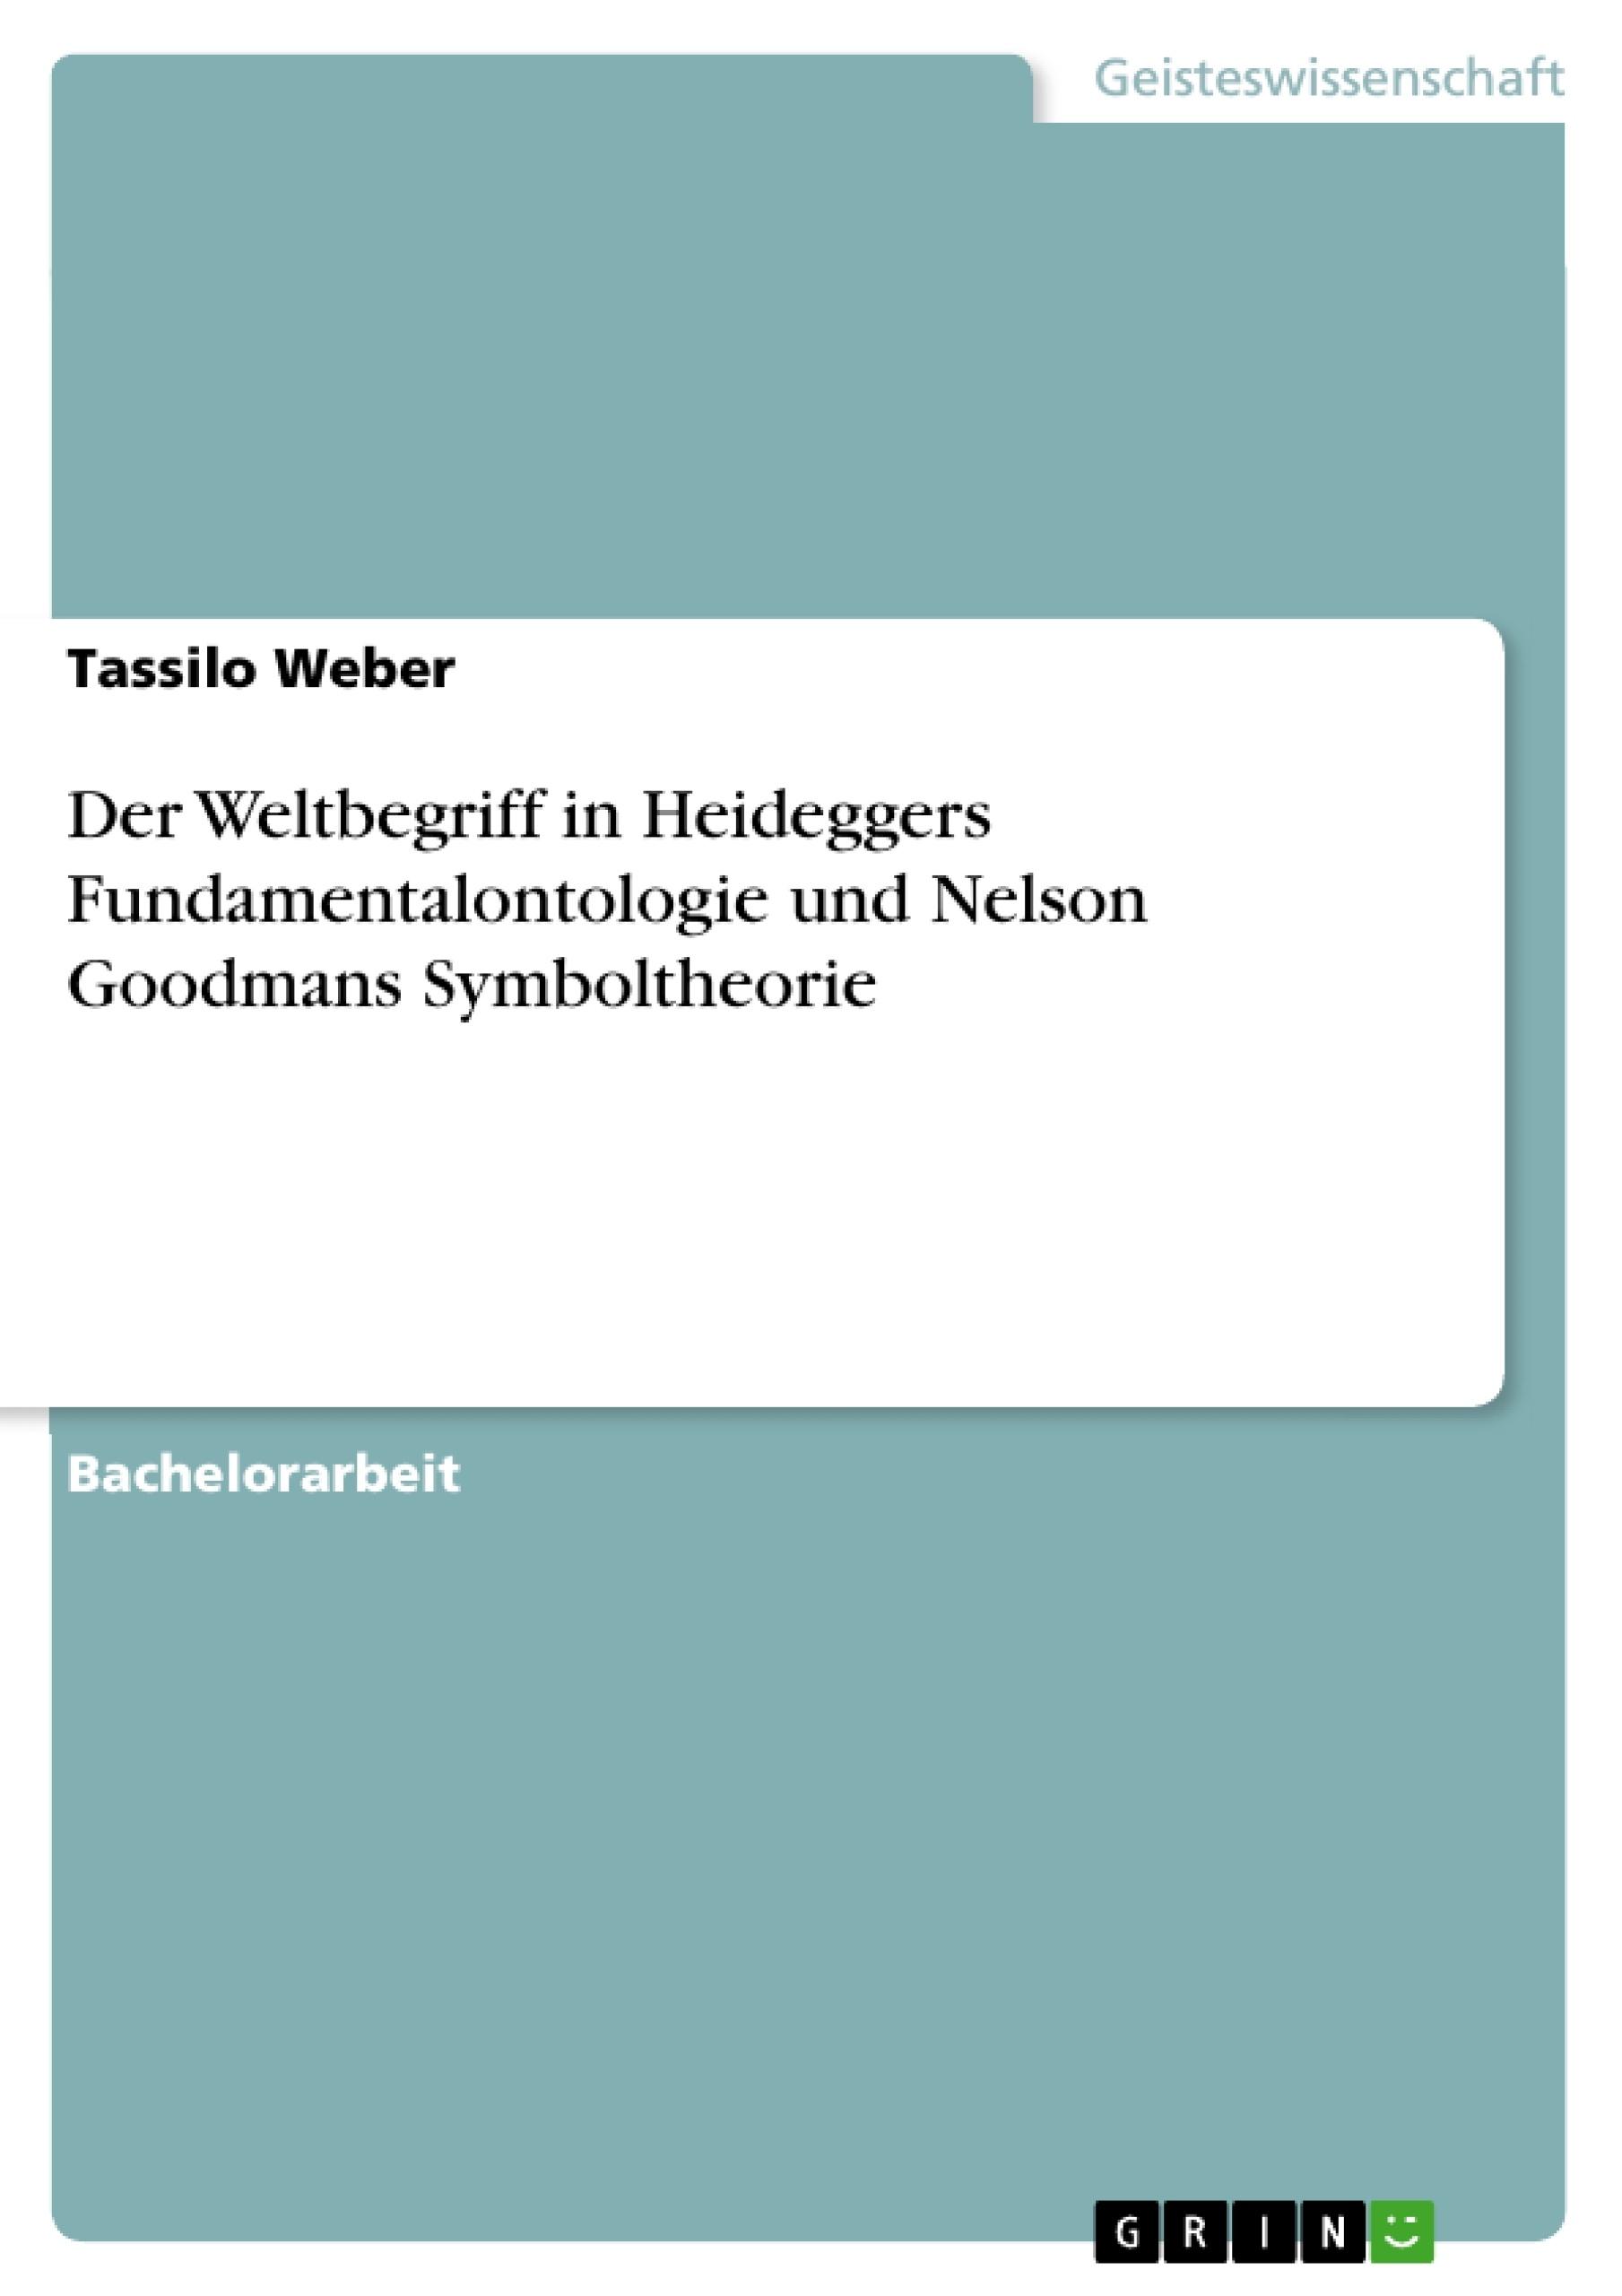 Titel: Der Weltbegriff in Heideggers Fundamentalontologie und Nelson Goodmans Symboltheorie